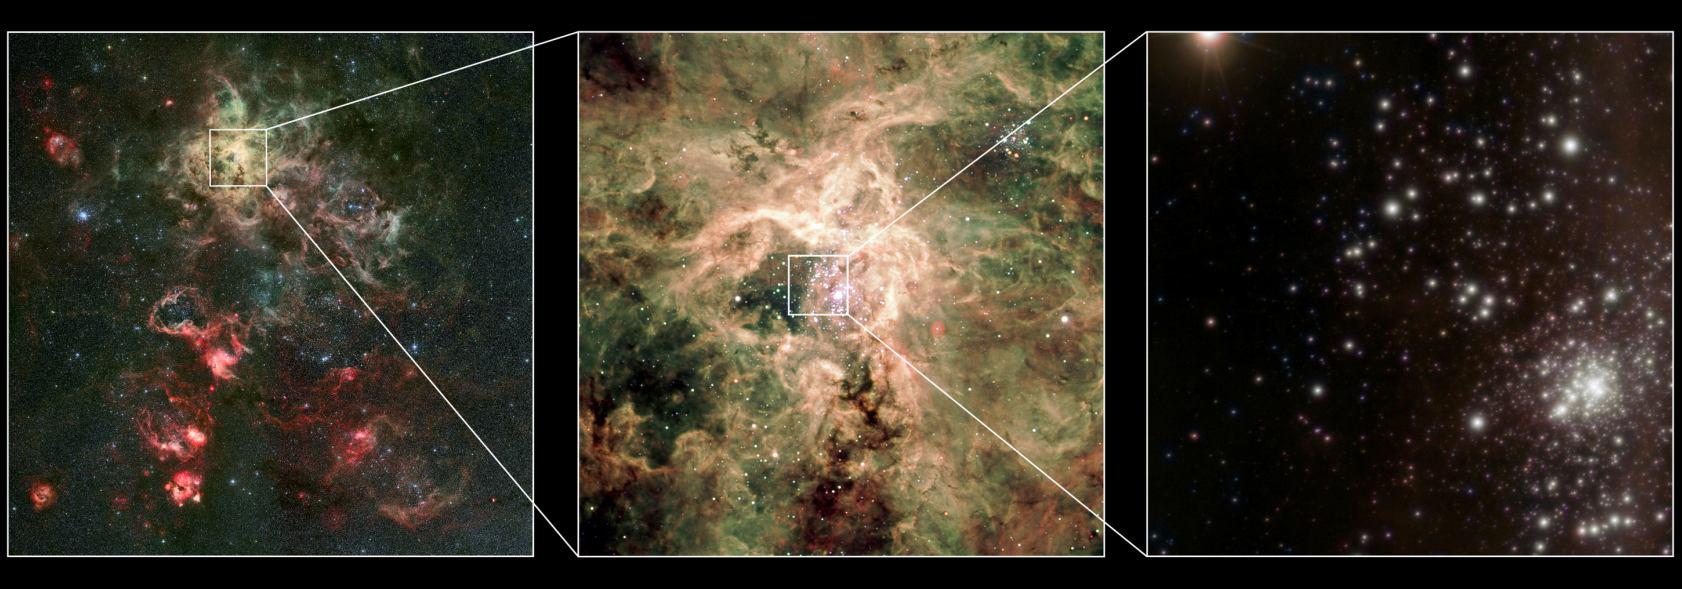 ستاره یR136a1، در مجموعهای متراکم از ستاره ها قرار دارد که در فاصله ی ۱۶۵ هزار سال نوری از زمین قرار گرفته است.